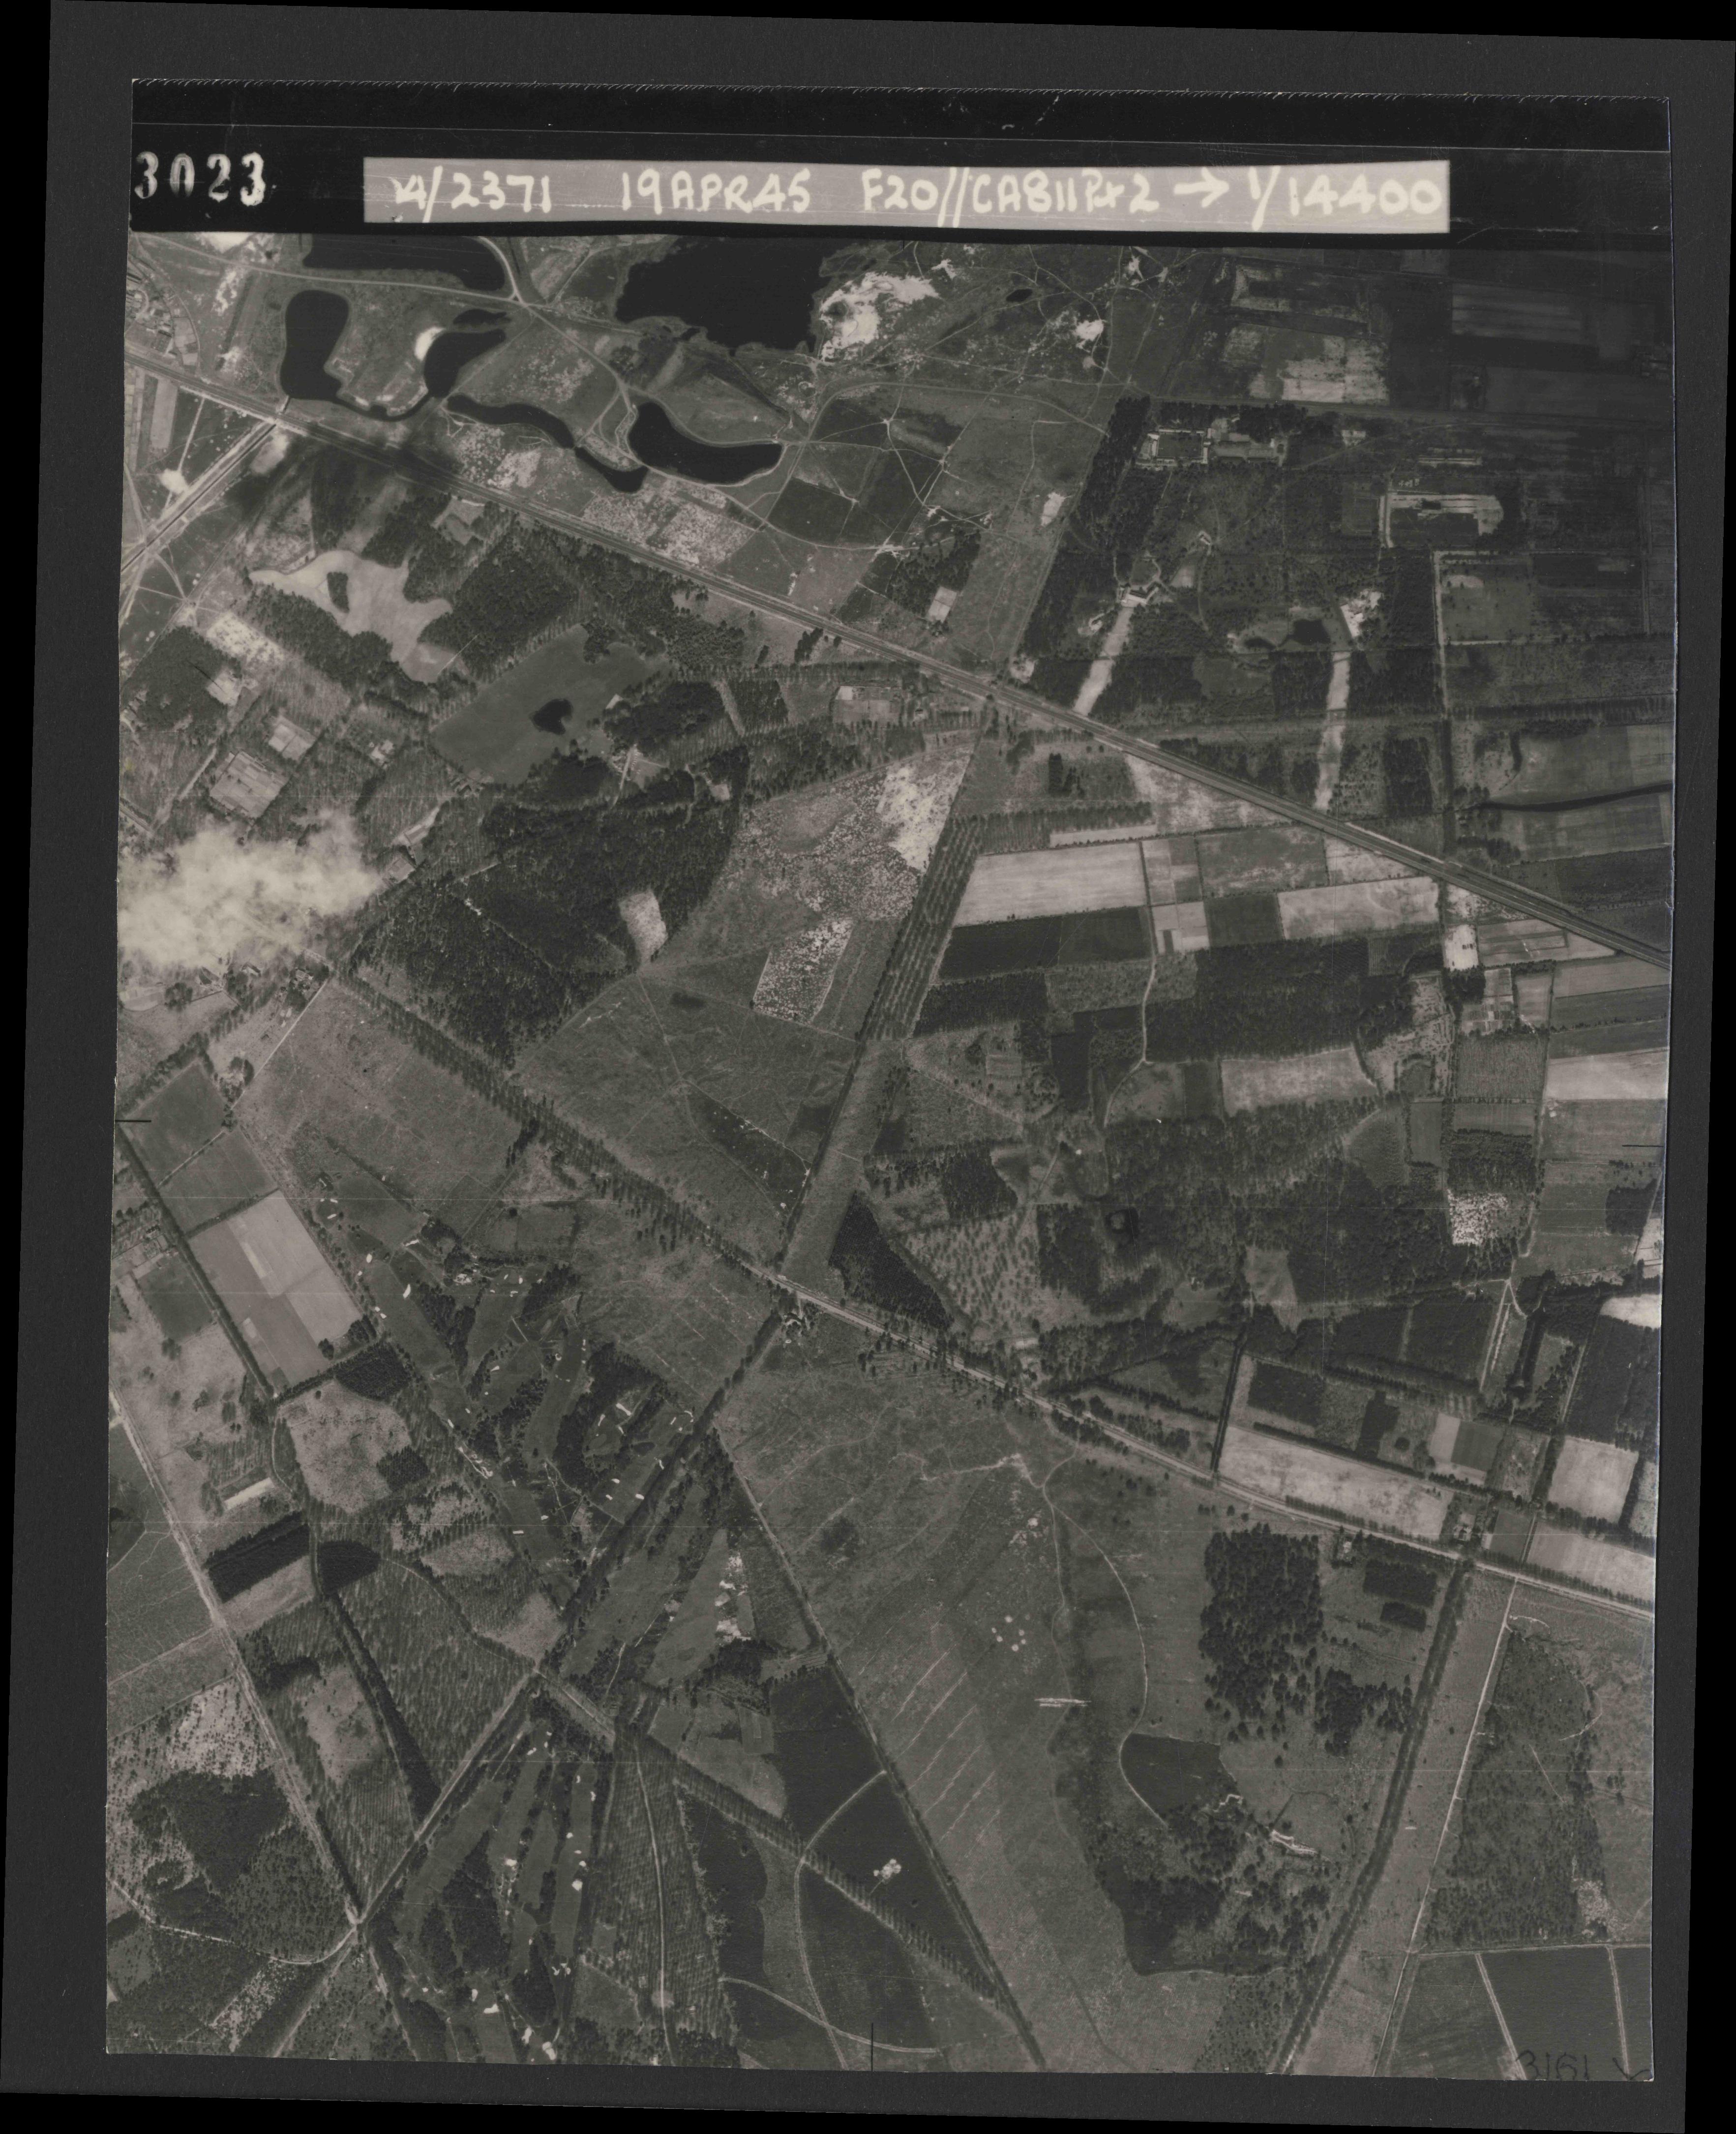 Collection RAF aerial photos 1940-1945 - flight 305, run 01, photo 3023